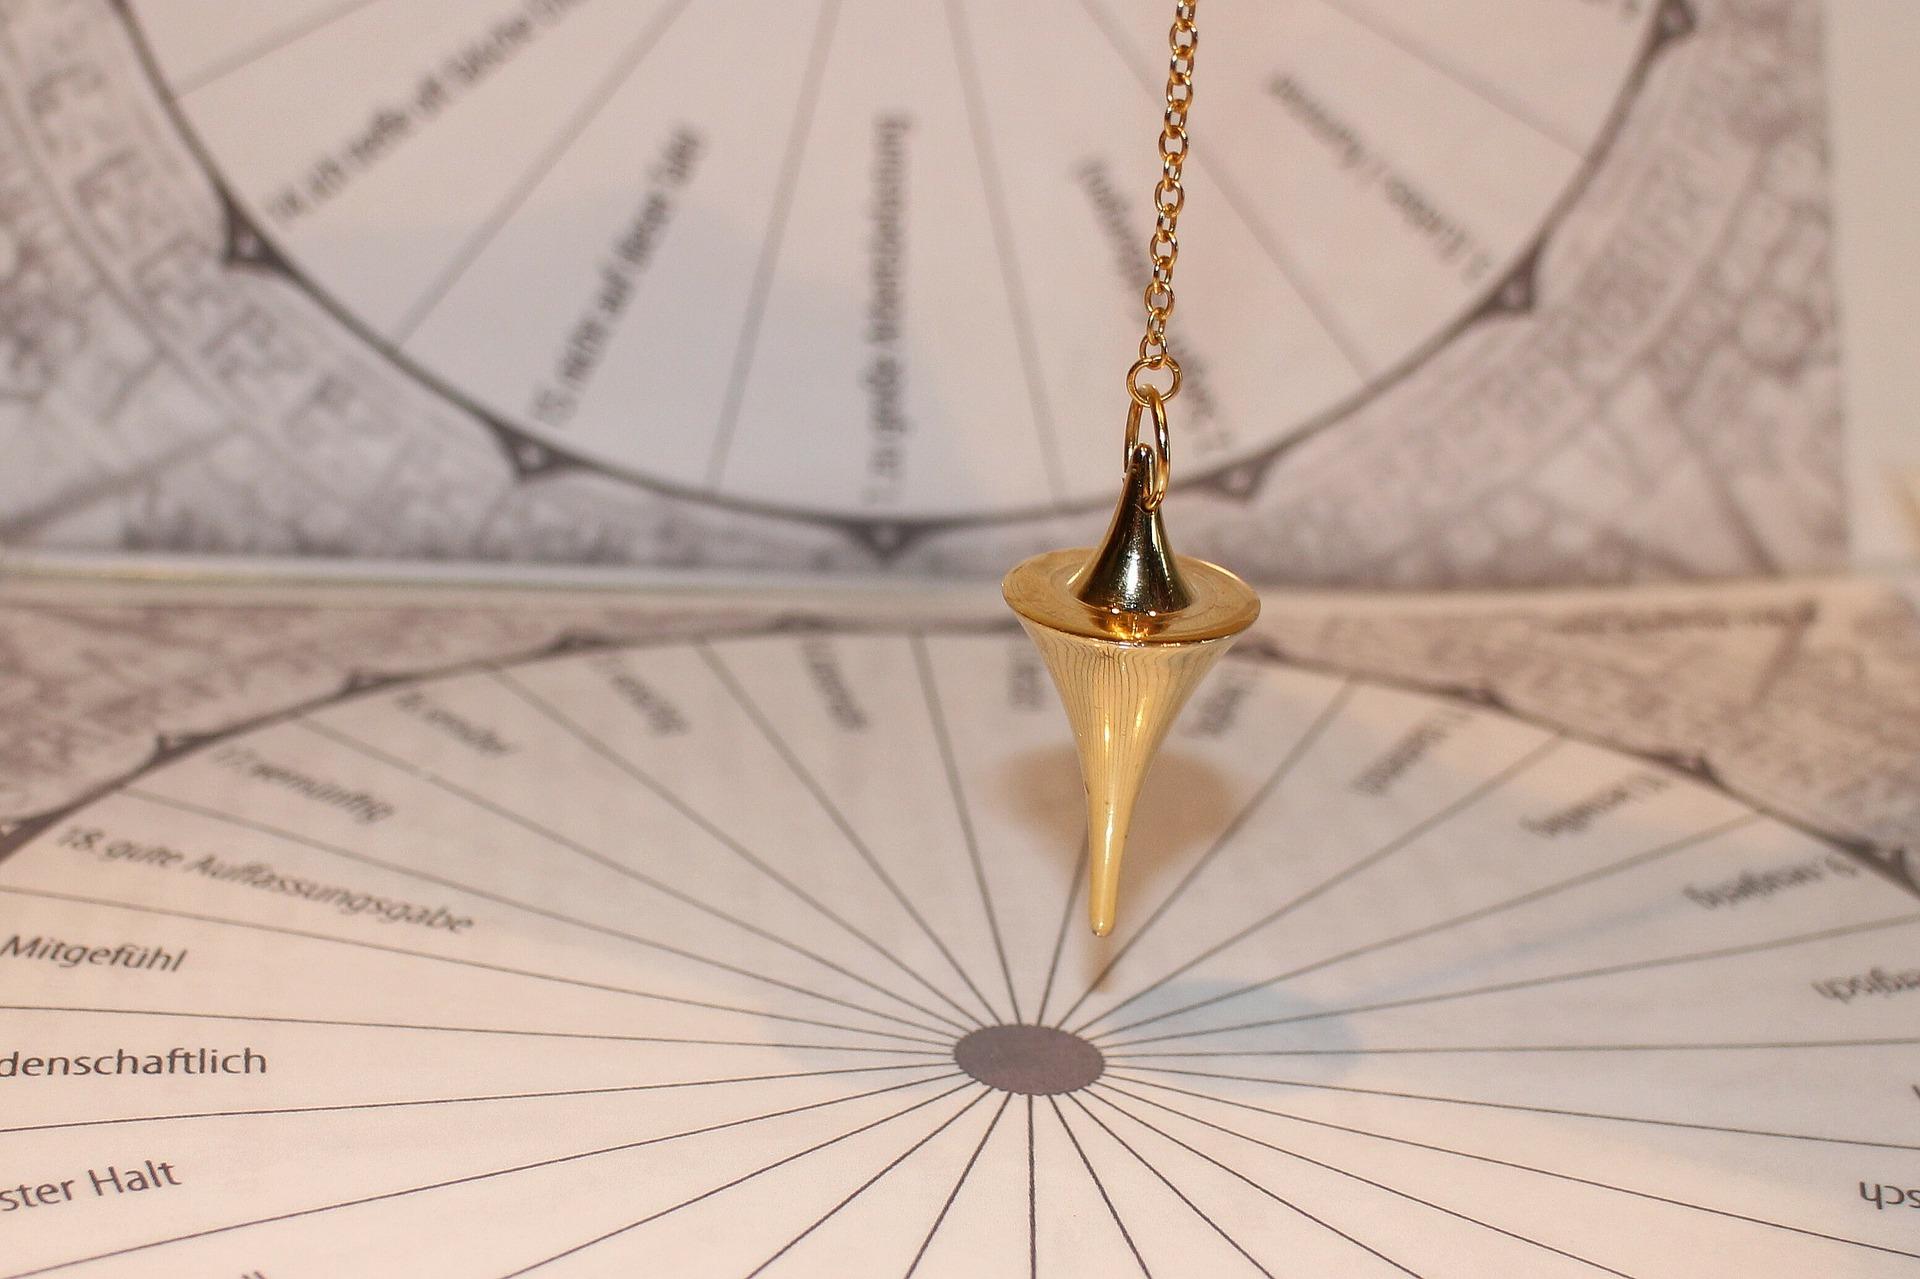 pendulum-gd9bbec42c_1920